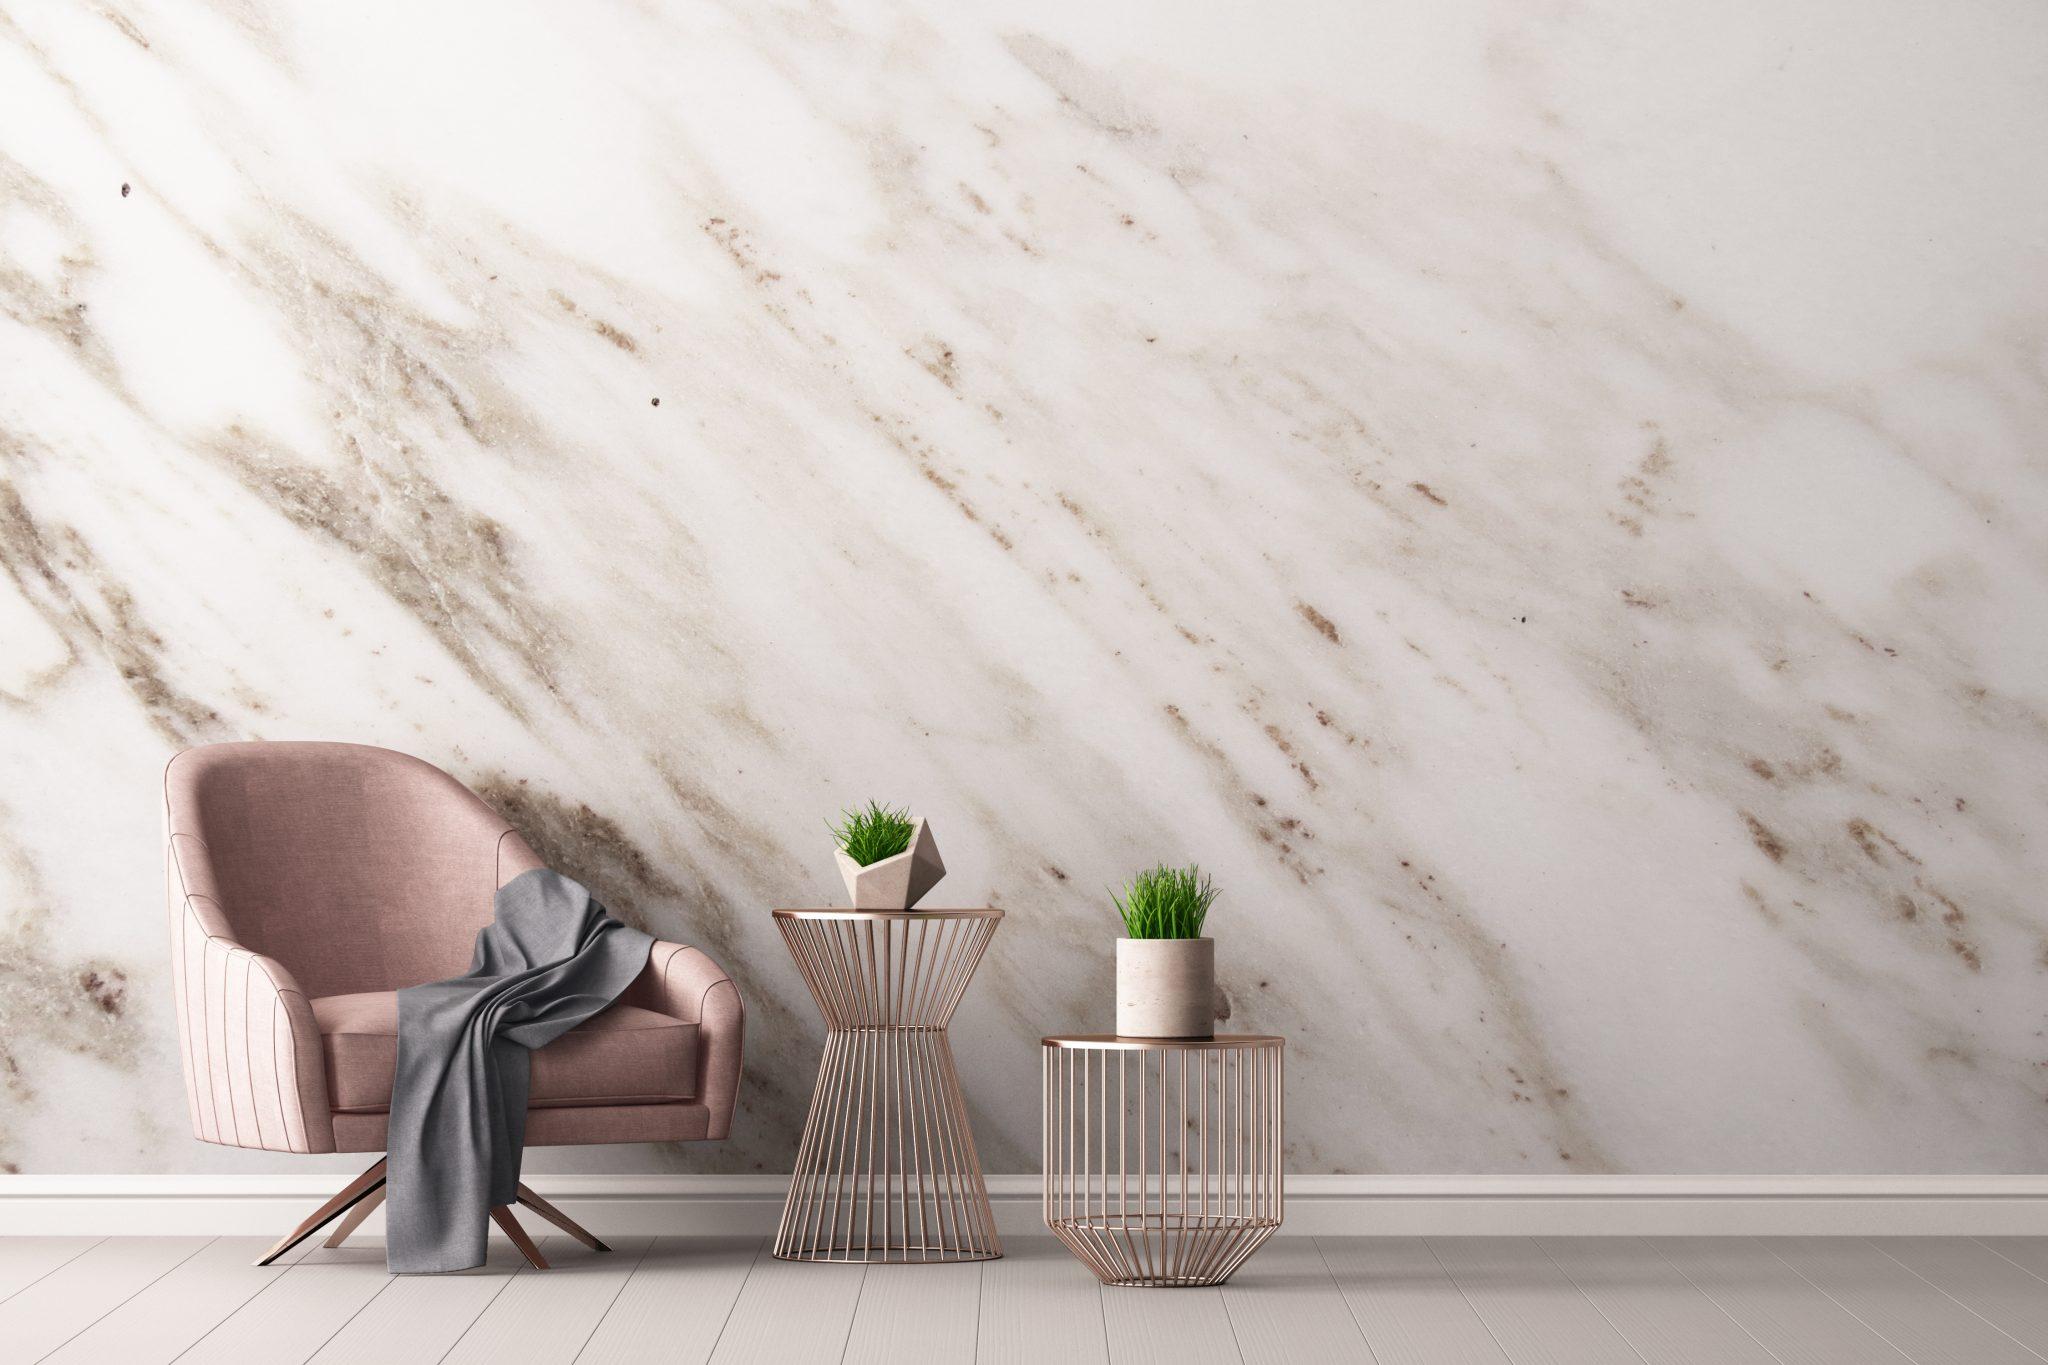 ventajas del mármol decoracion